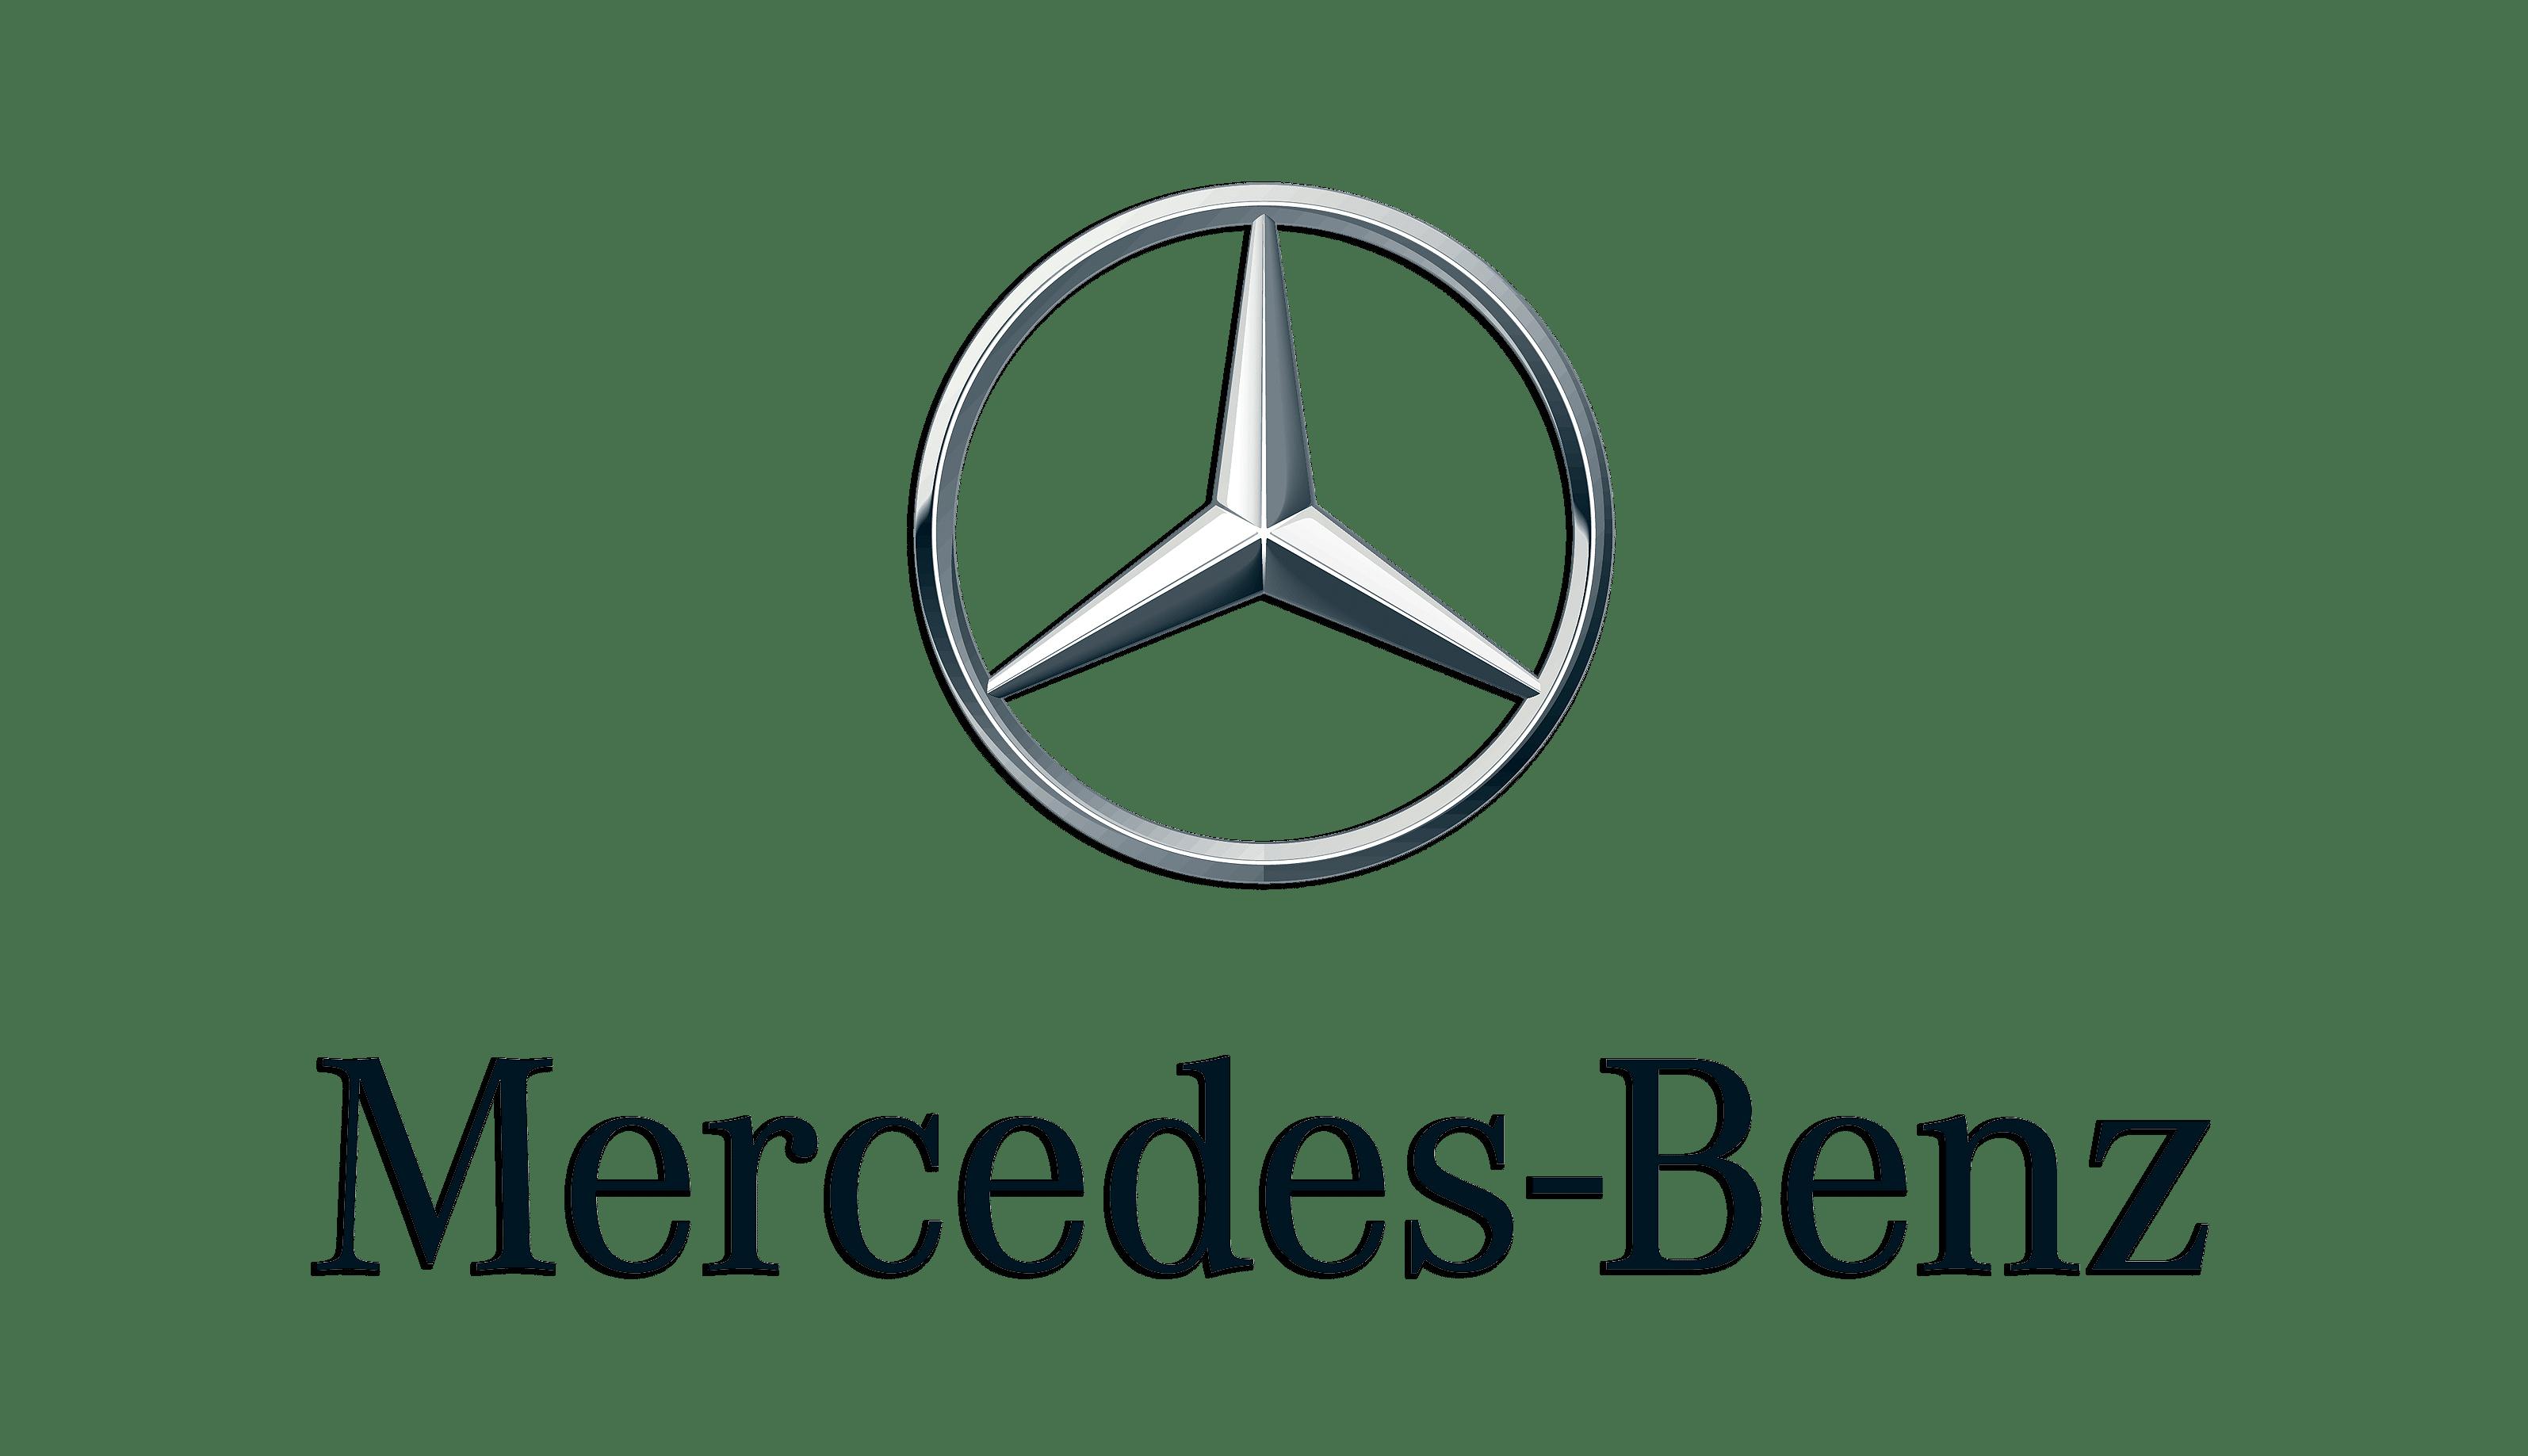 mercedes_logos_PNG27-copy.png